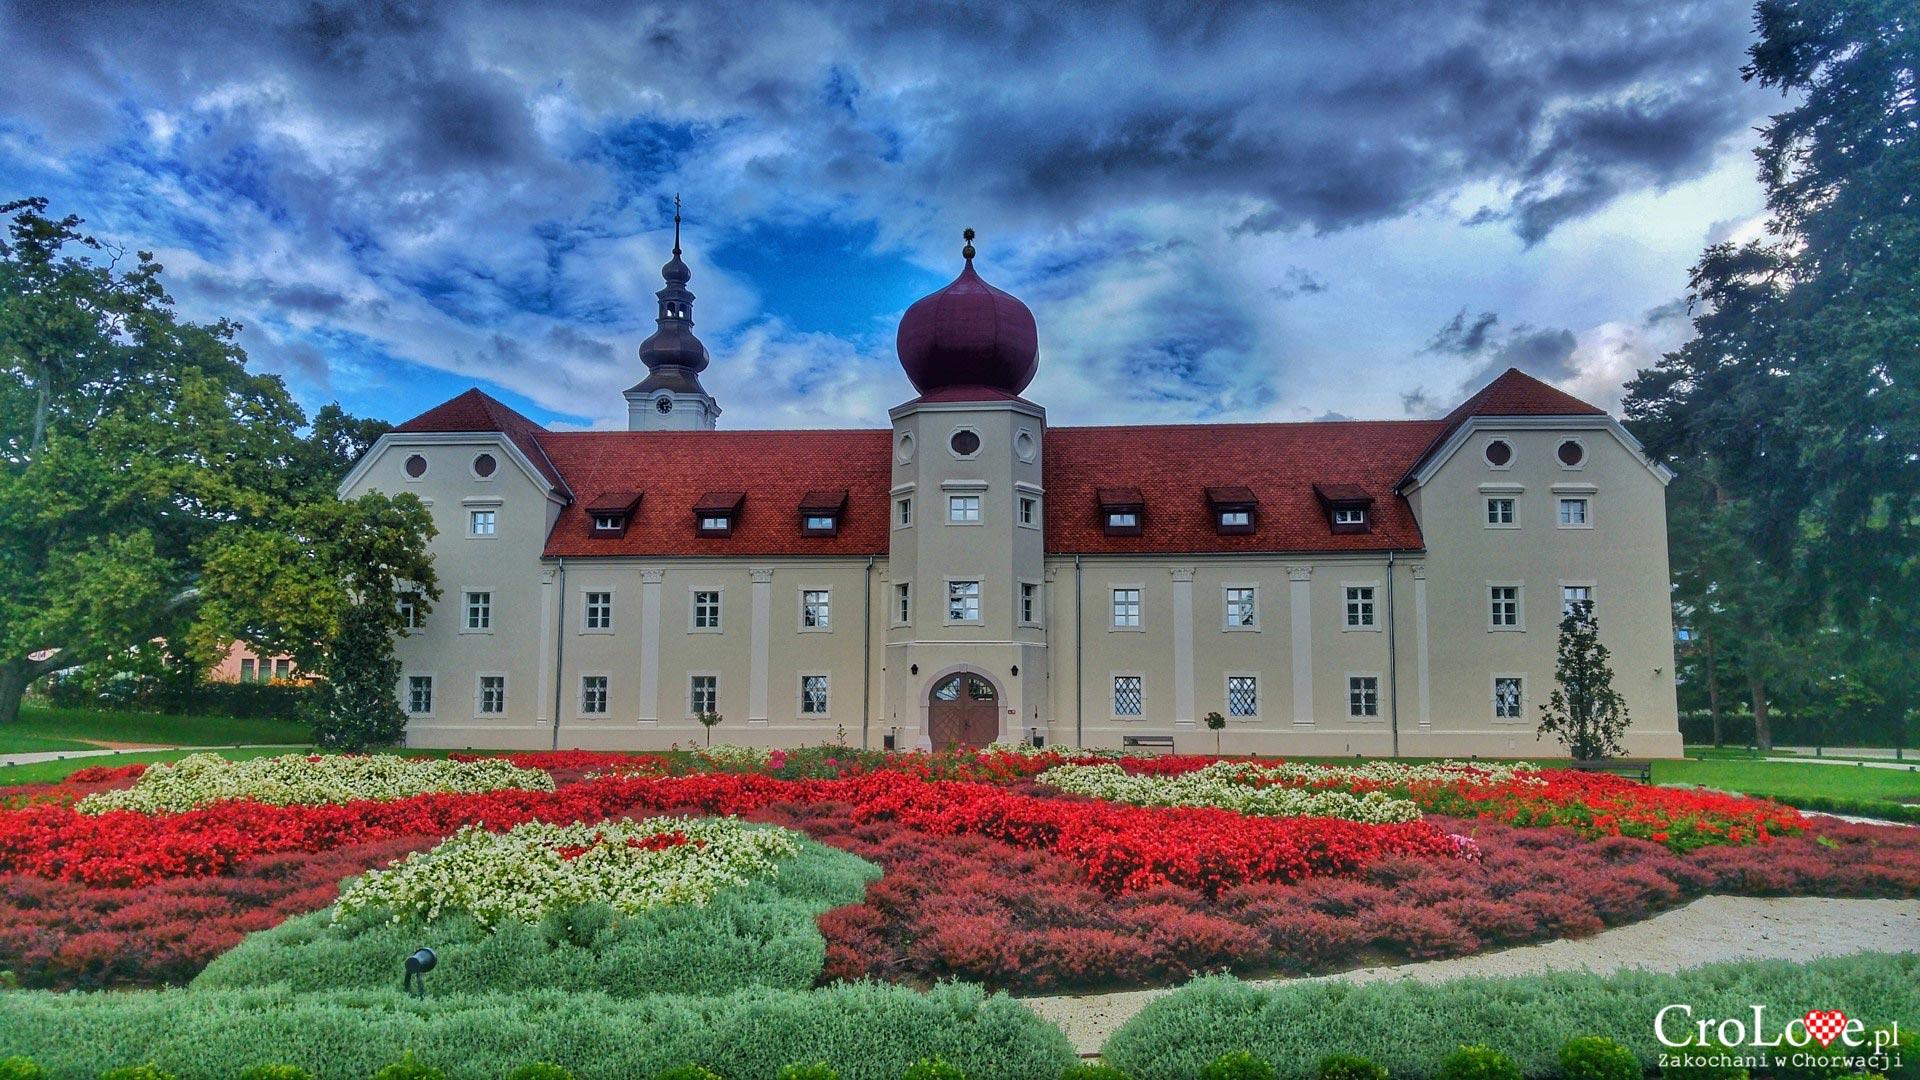 Pałac w Kutjevo